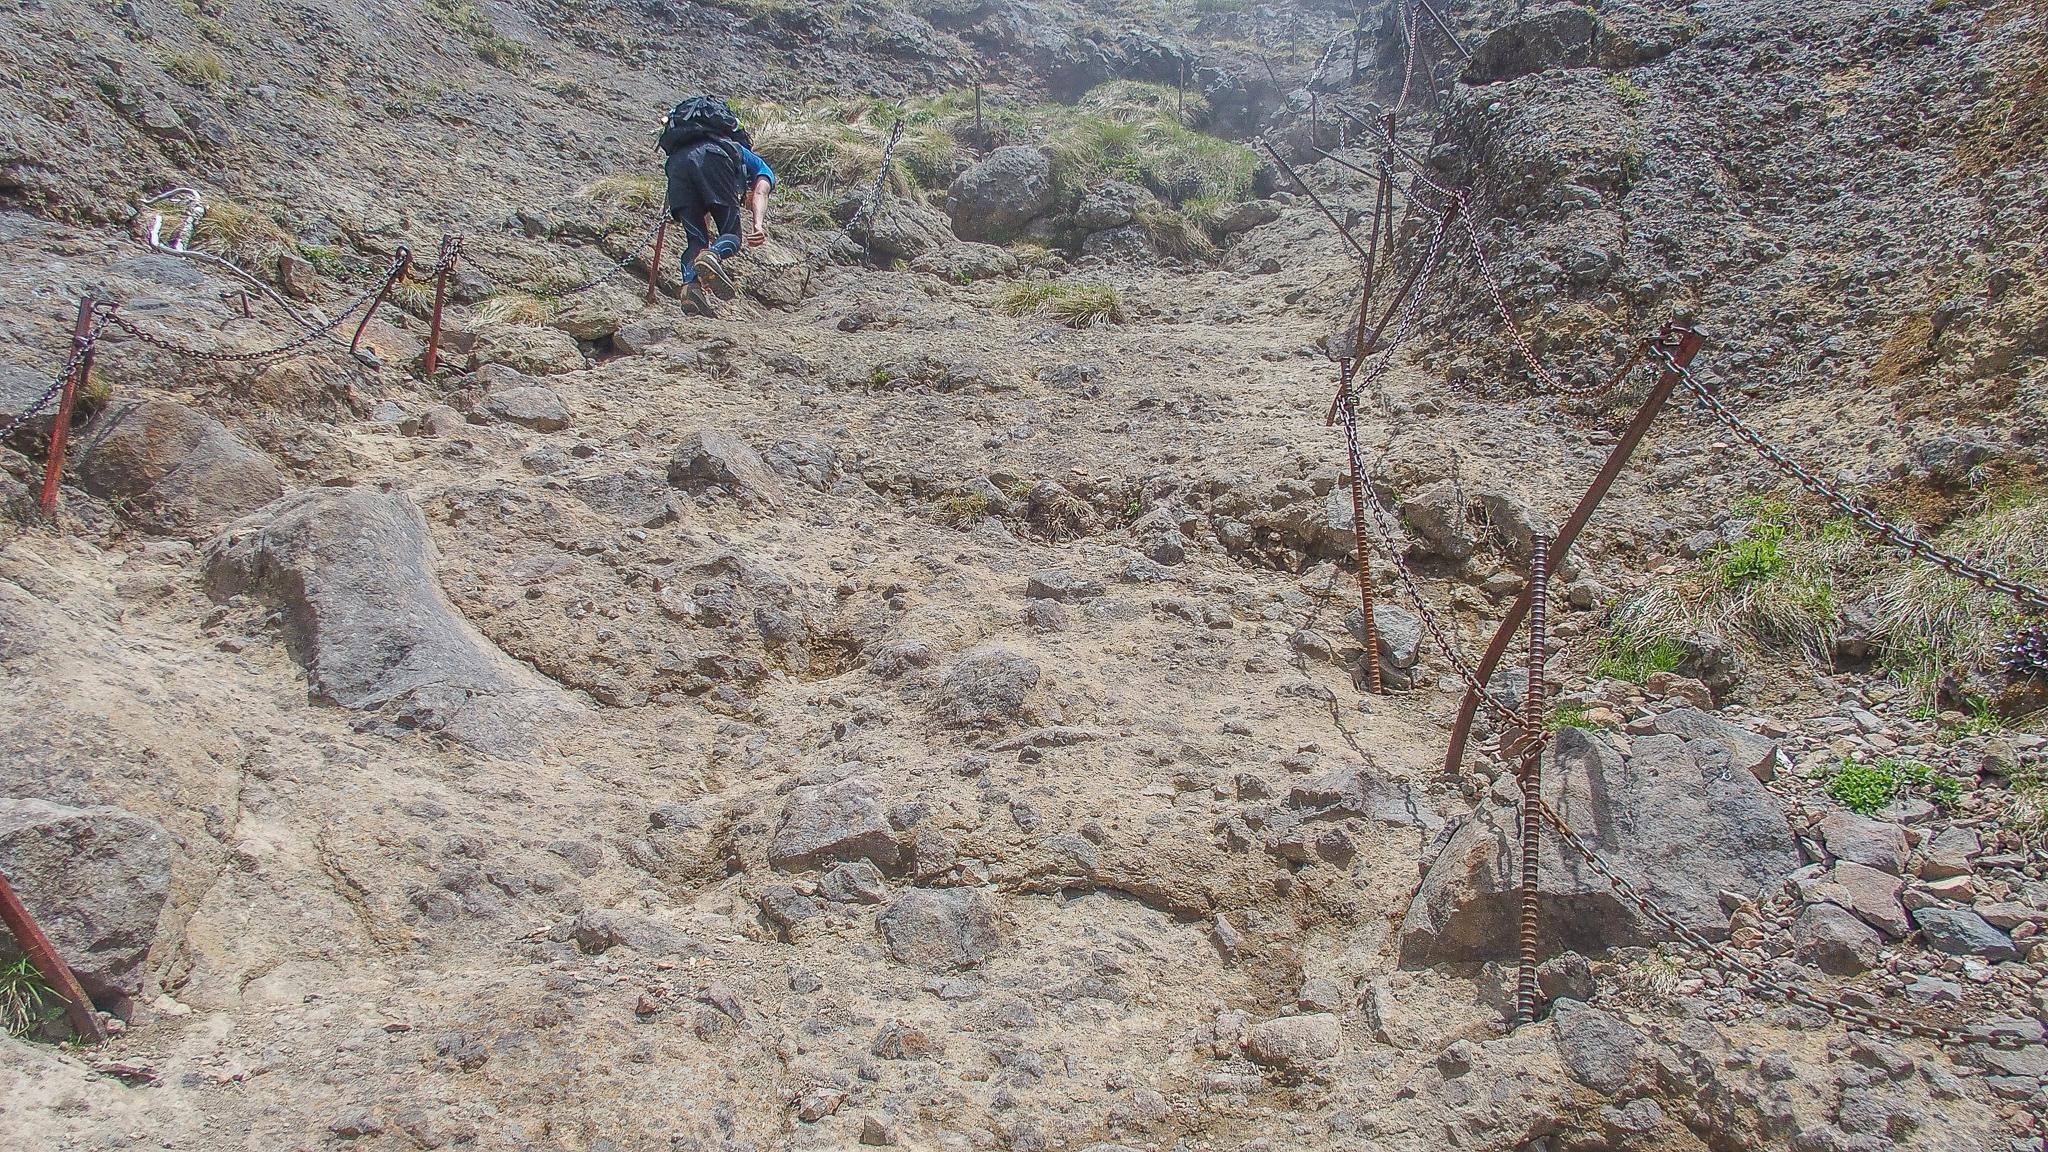 八ヶ岳(赤岳・横岳・硫黄岳)・横岳、岩場の登り